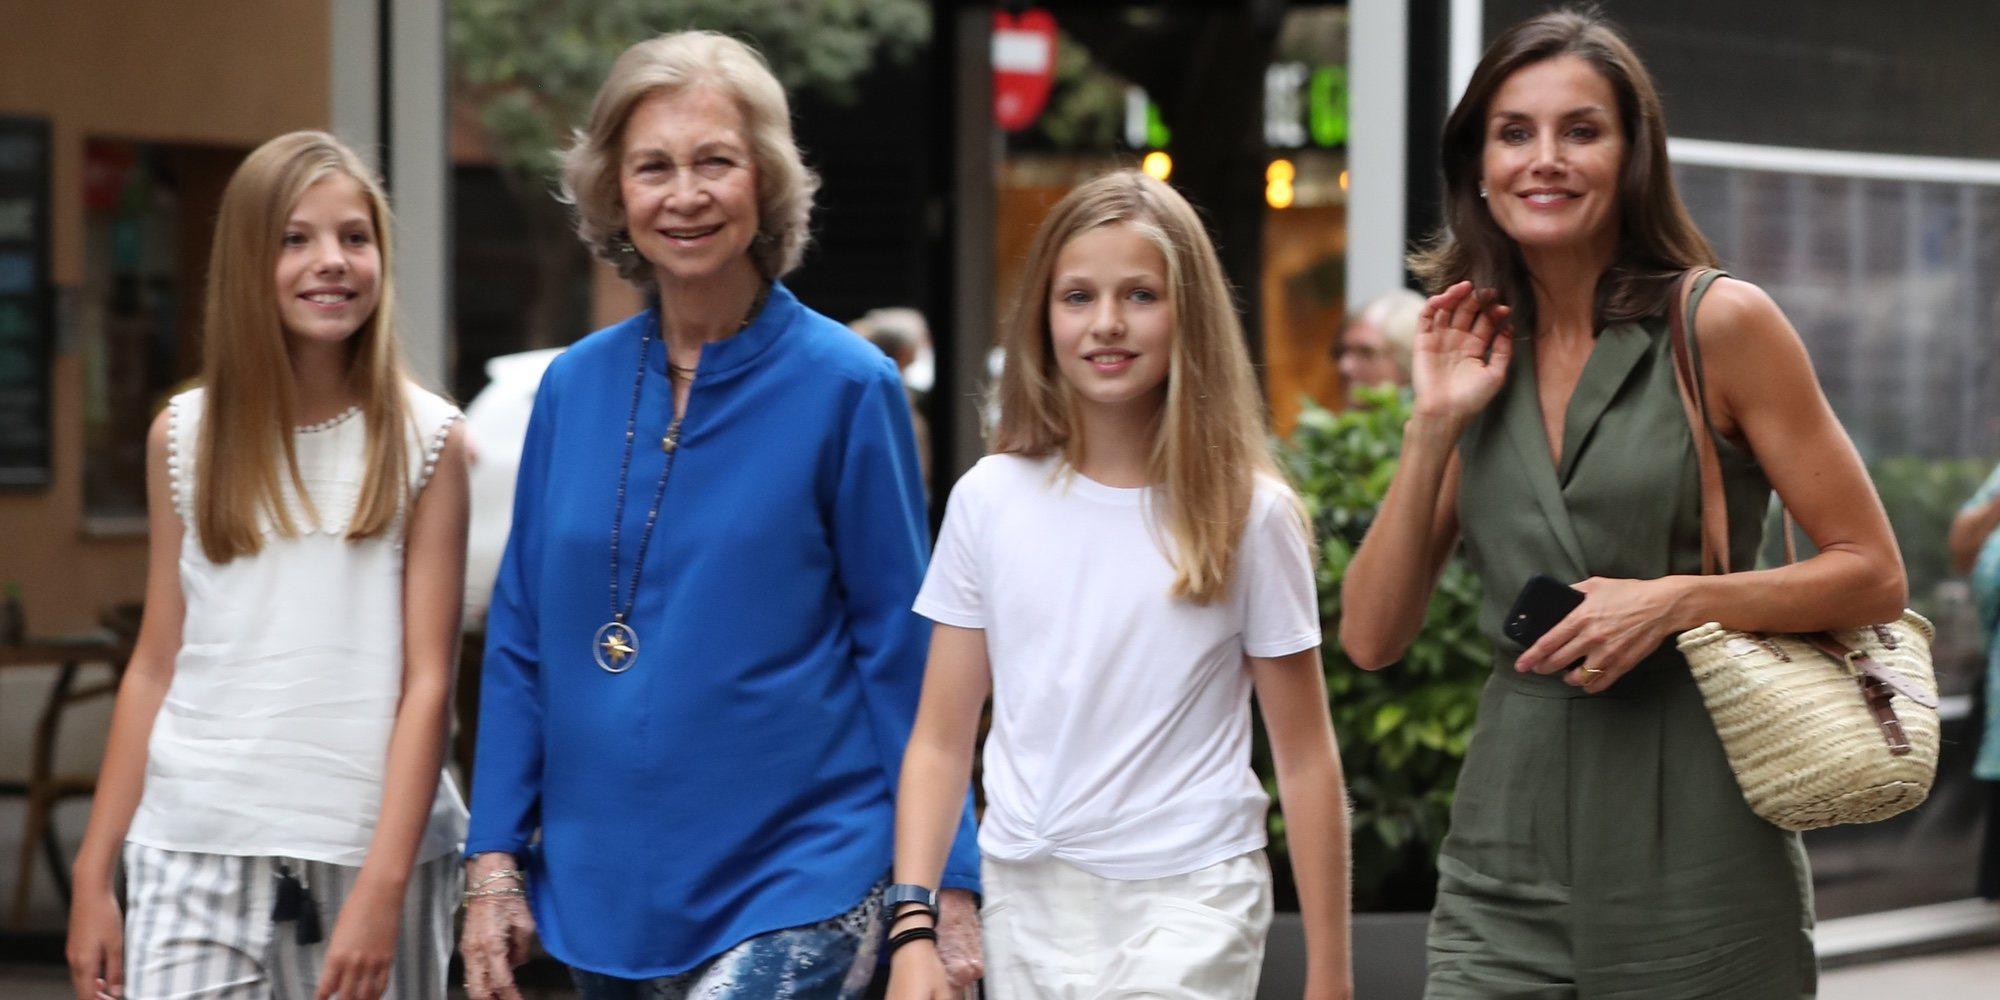 Amor de abuela: La Reina Sofía vuelve a ver 'El Rey León' para ir al cine con la Princesa Leonor y la Infanta Sofía